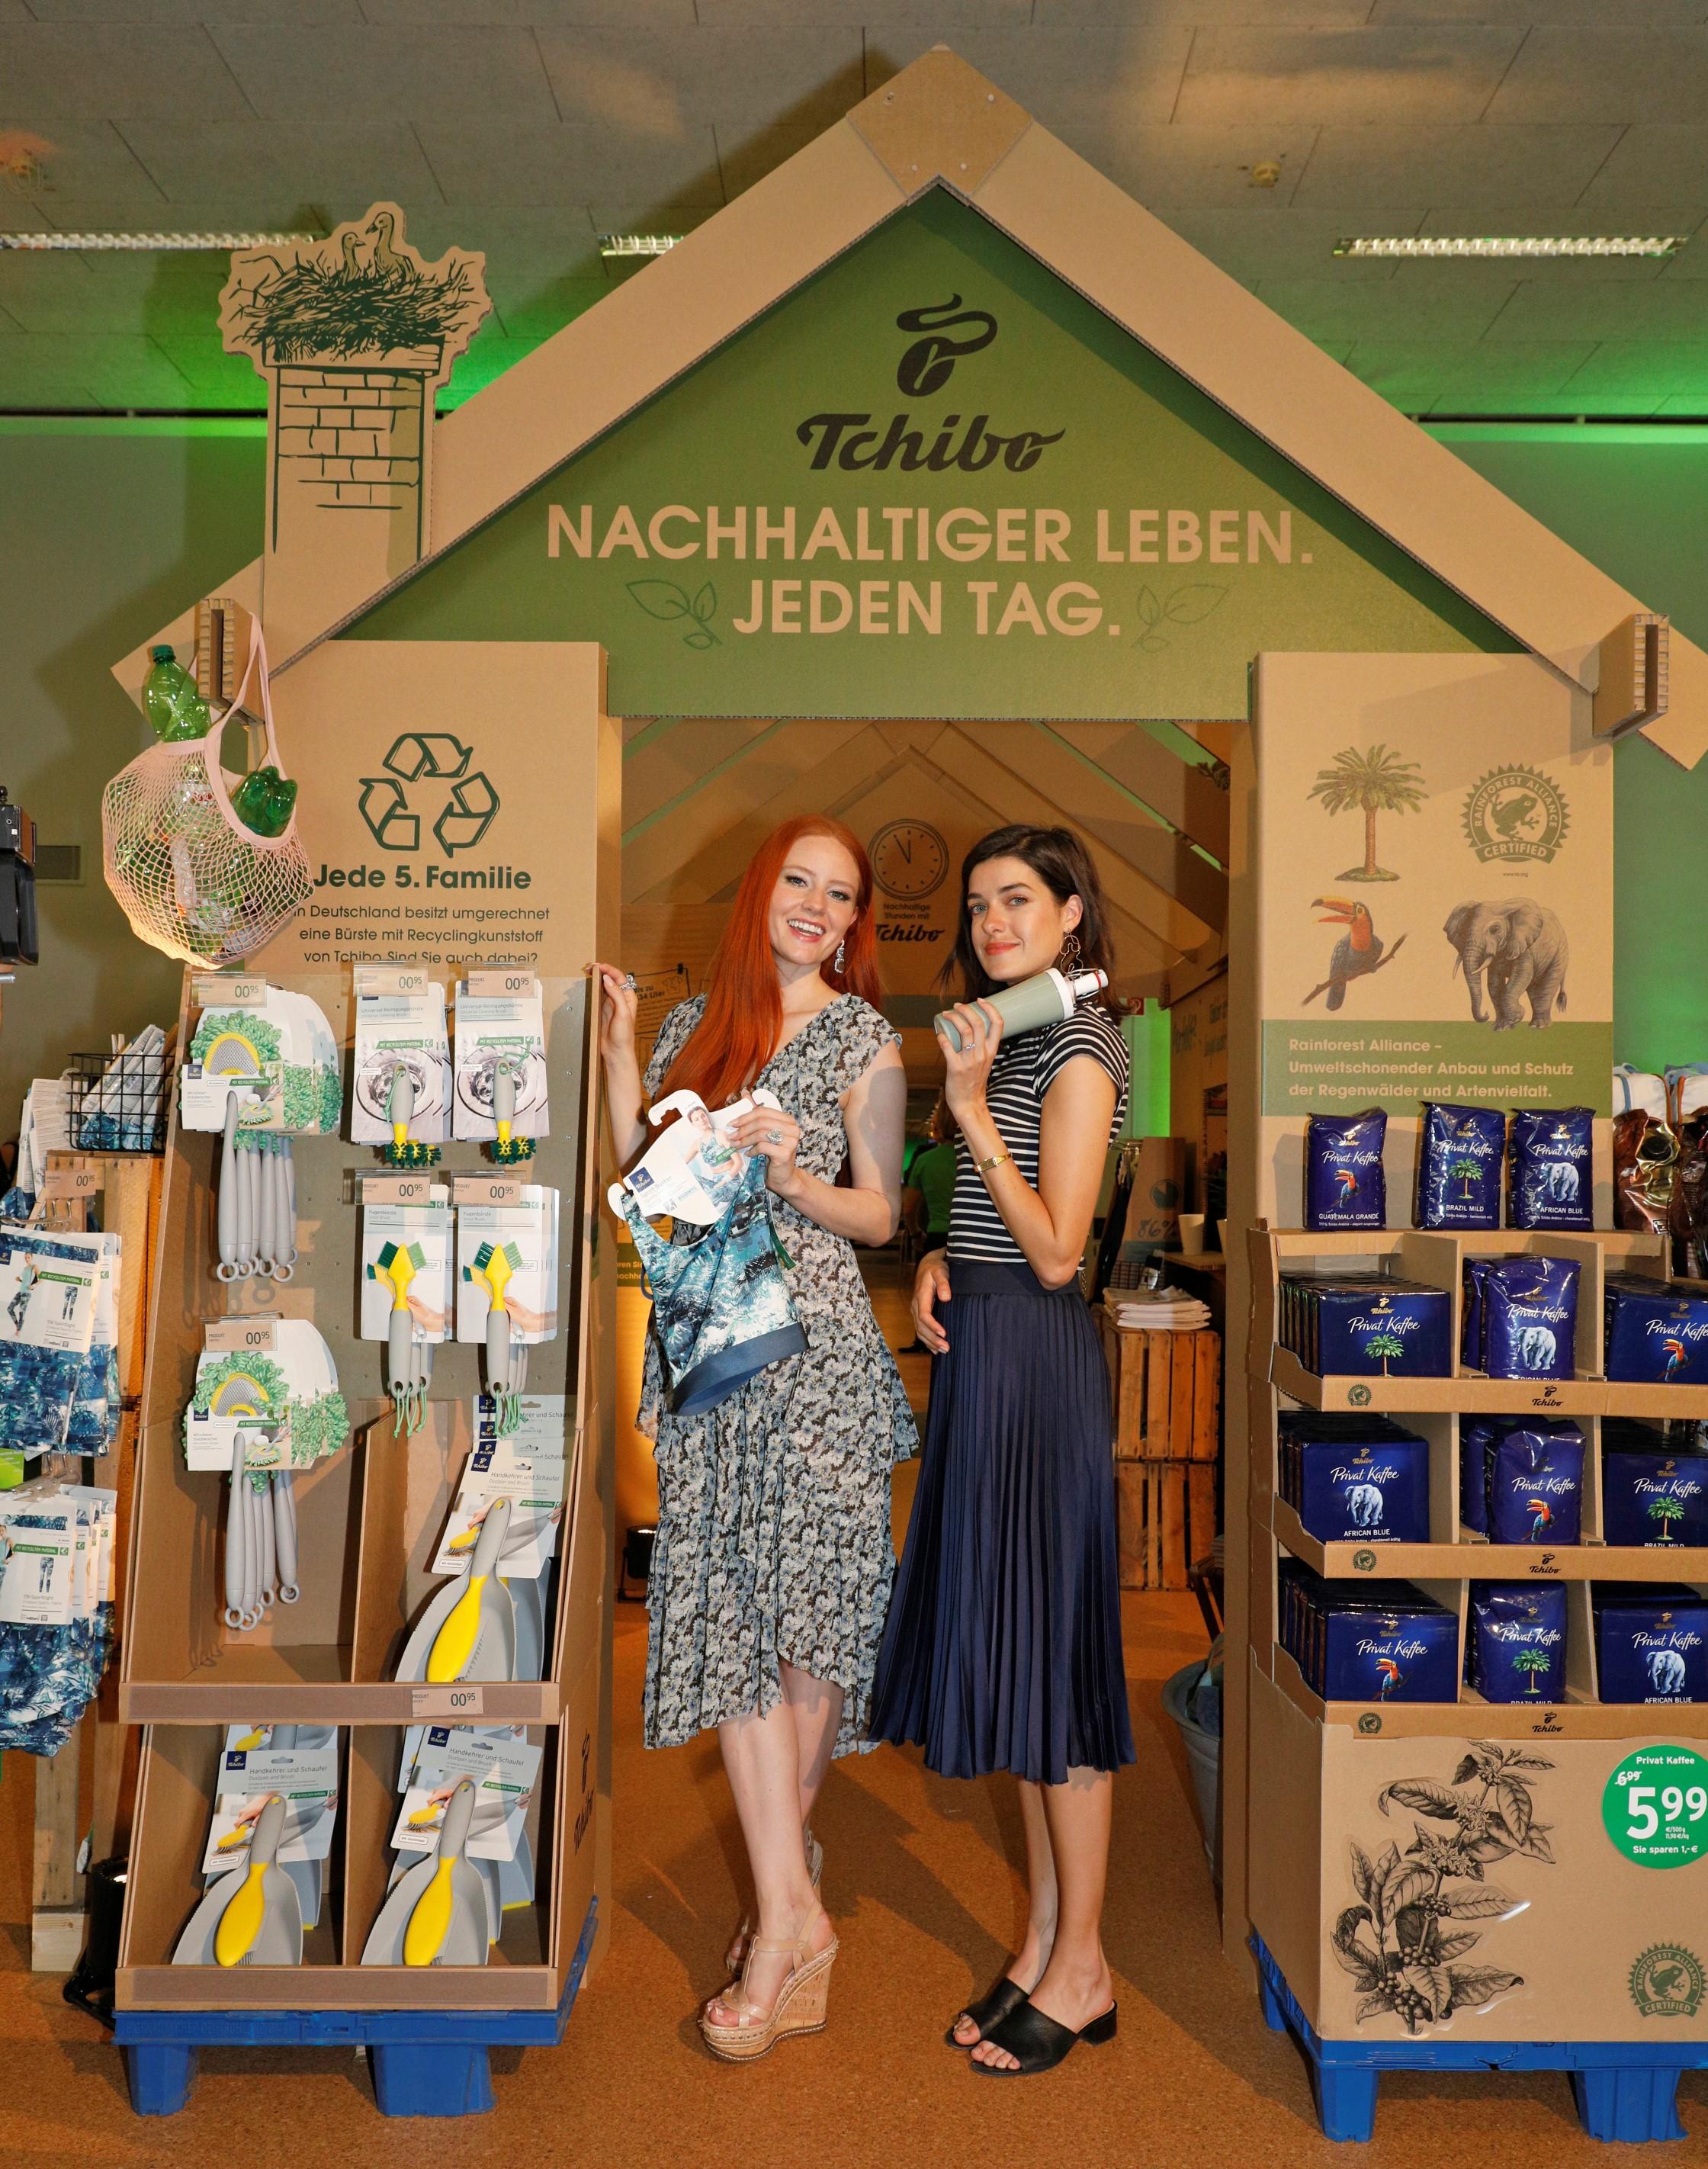 """14a30fe04da79 """"Nachhaltiger Leben. Jeden Tag."""" / Tchibo startet erste große  Nachhaltigkeitskampagne"""